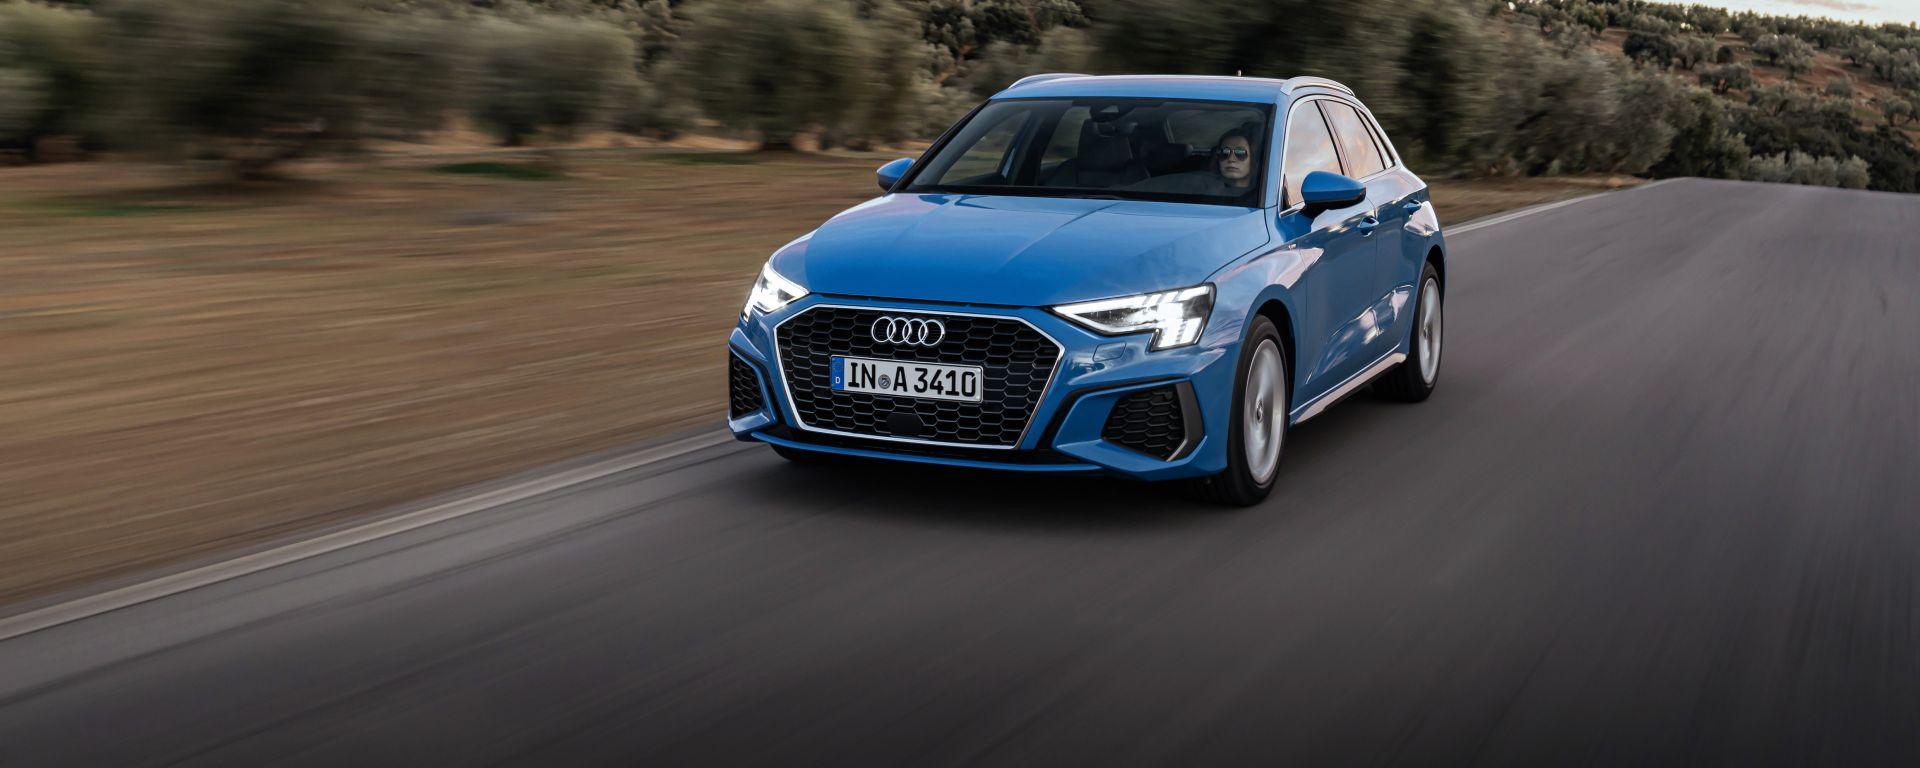 Audi A3 Sportback 2020: la prova in video della nuova compatta premium tedesca